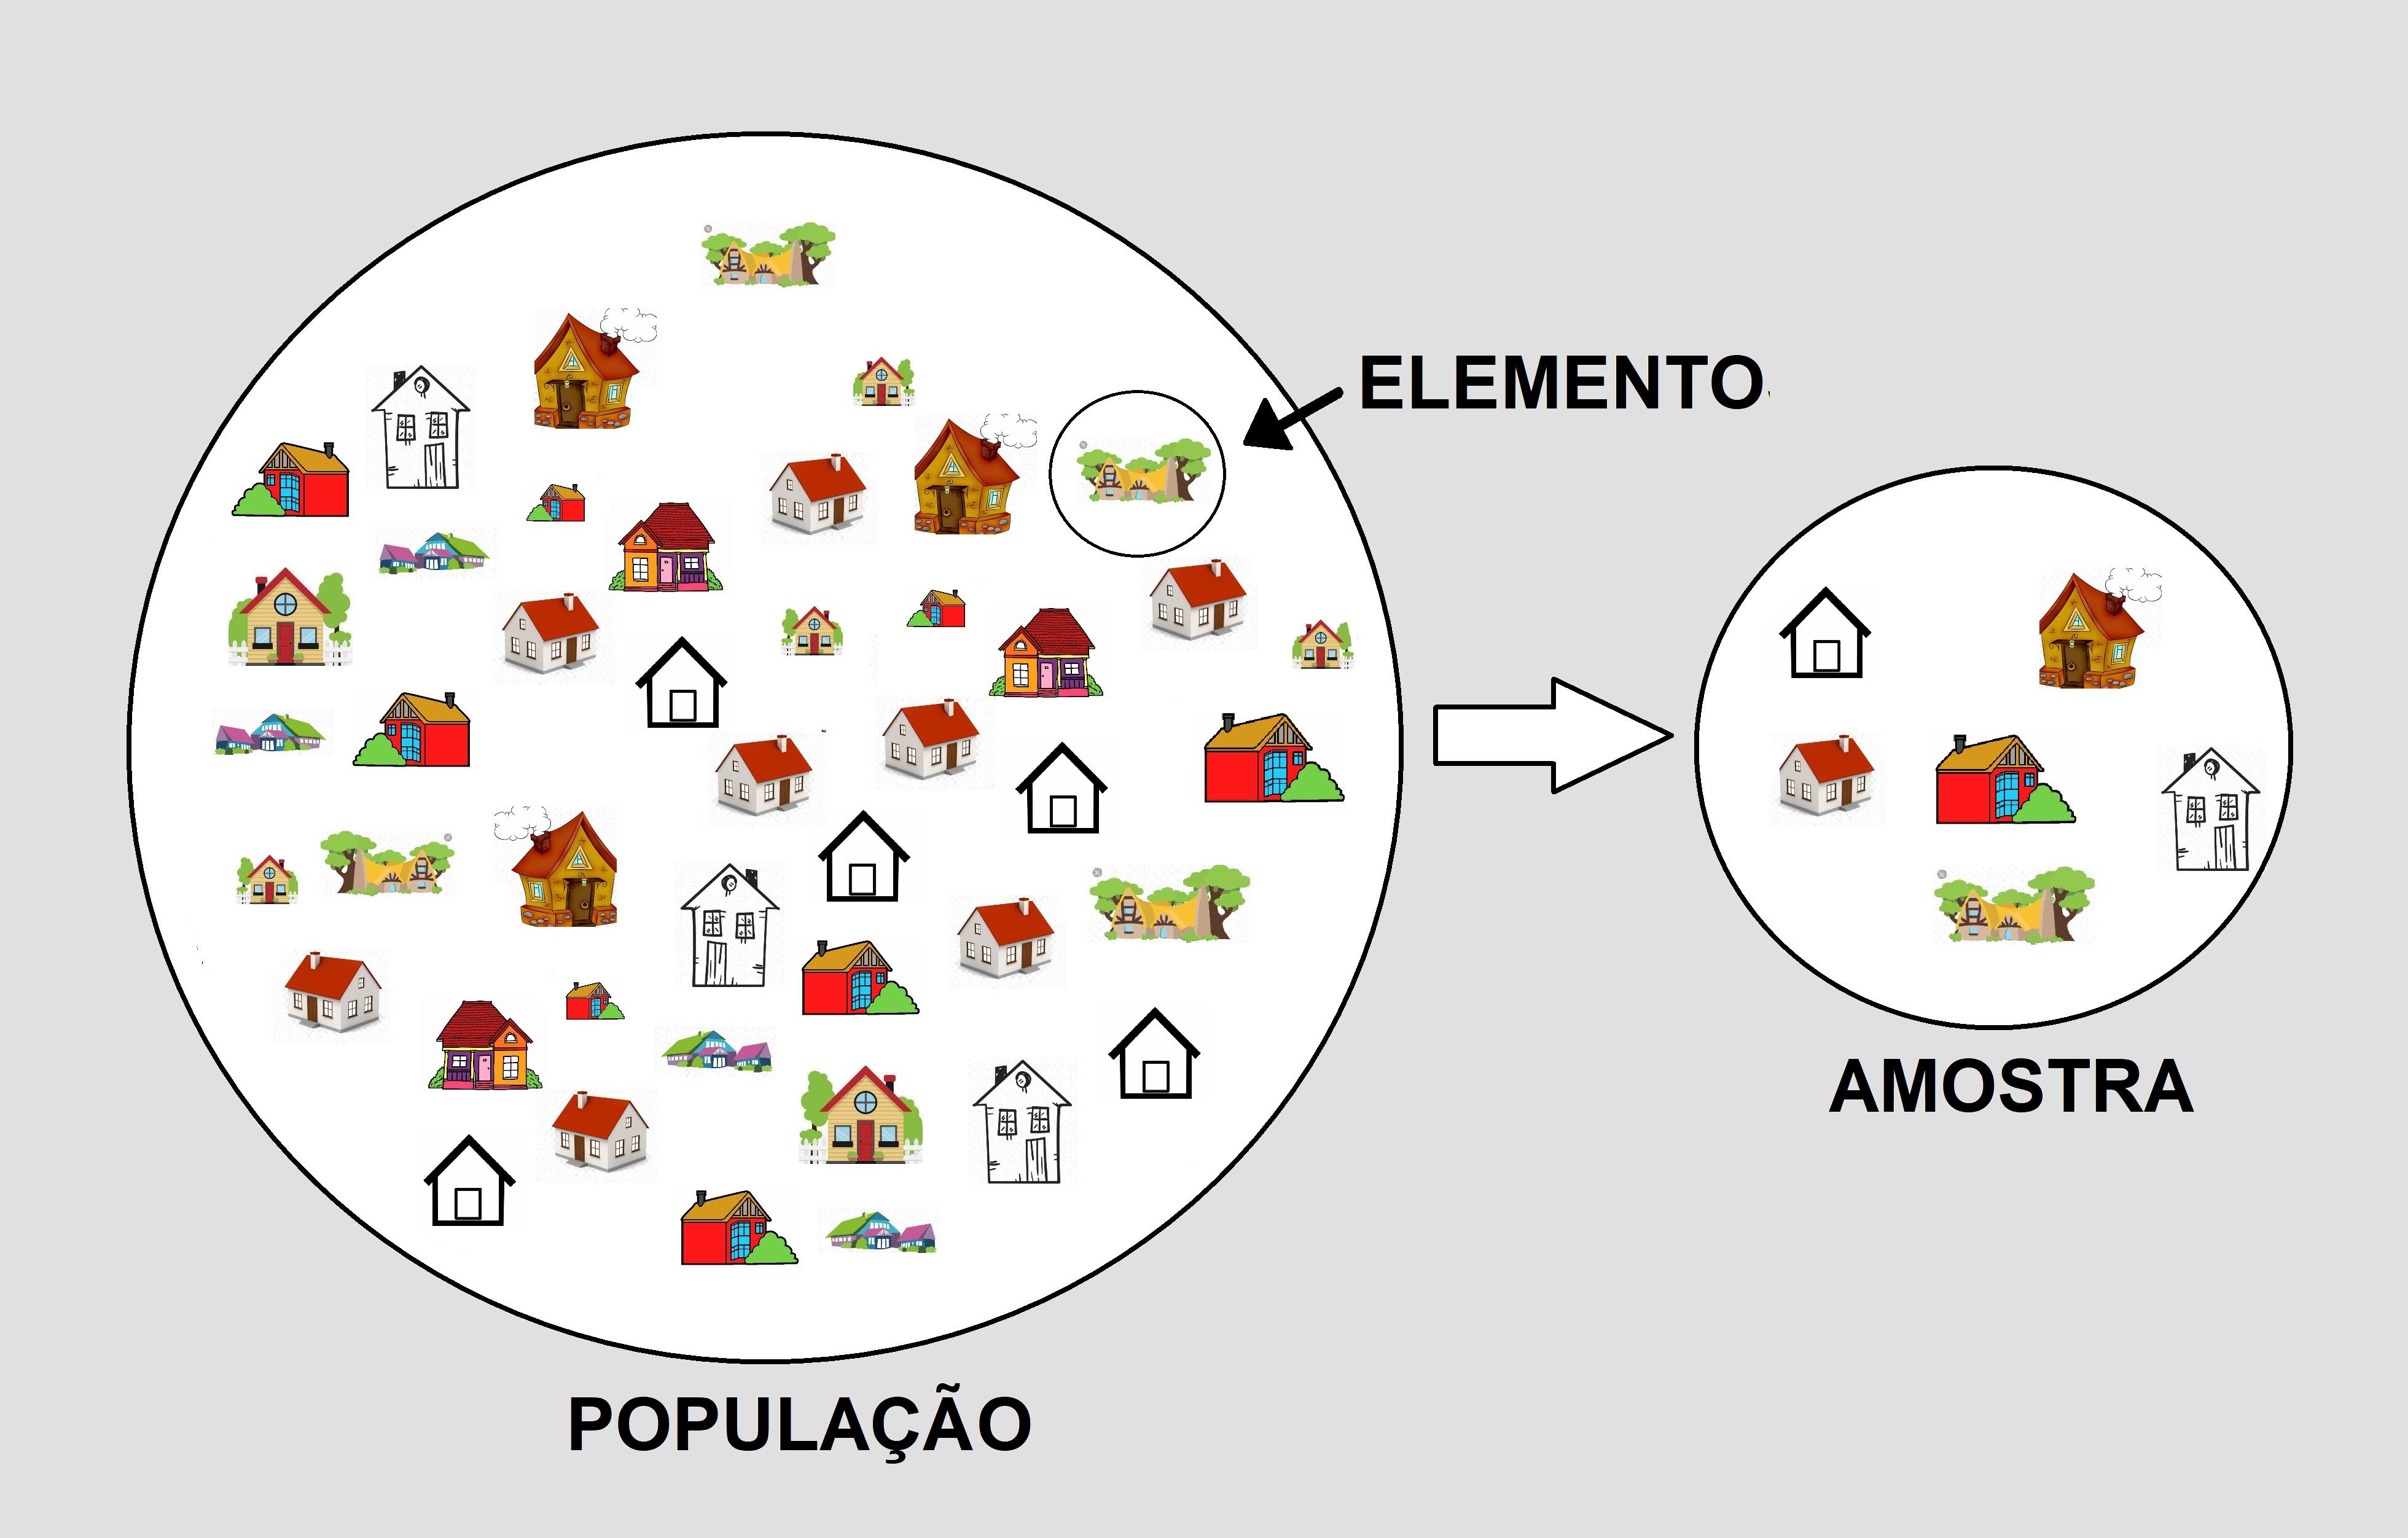 População, elemento e amostra